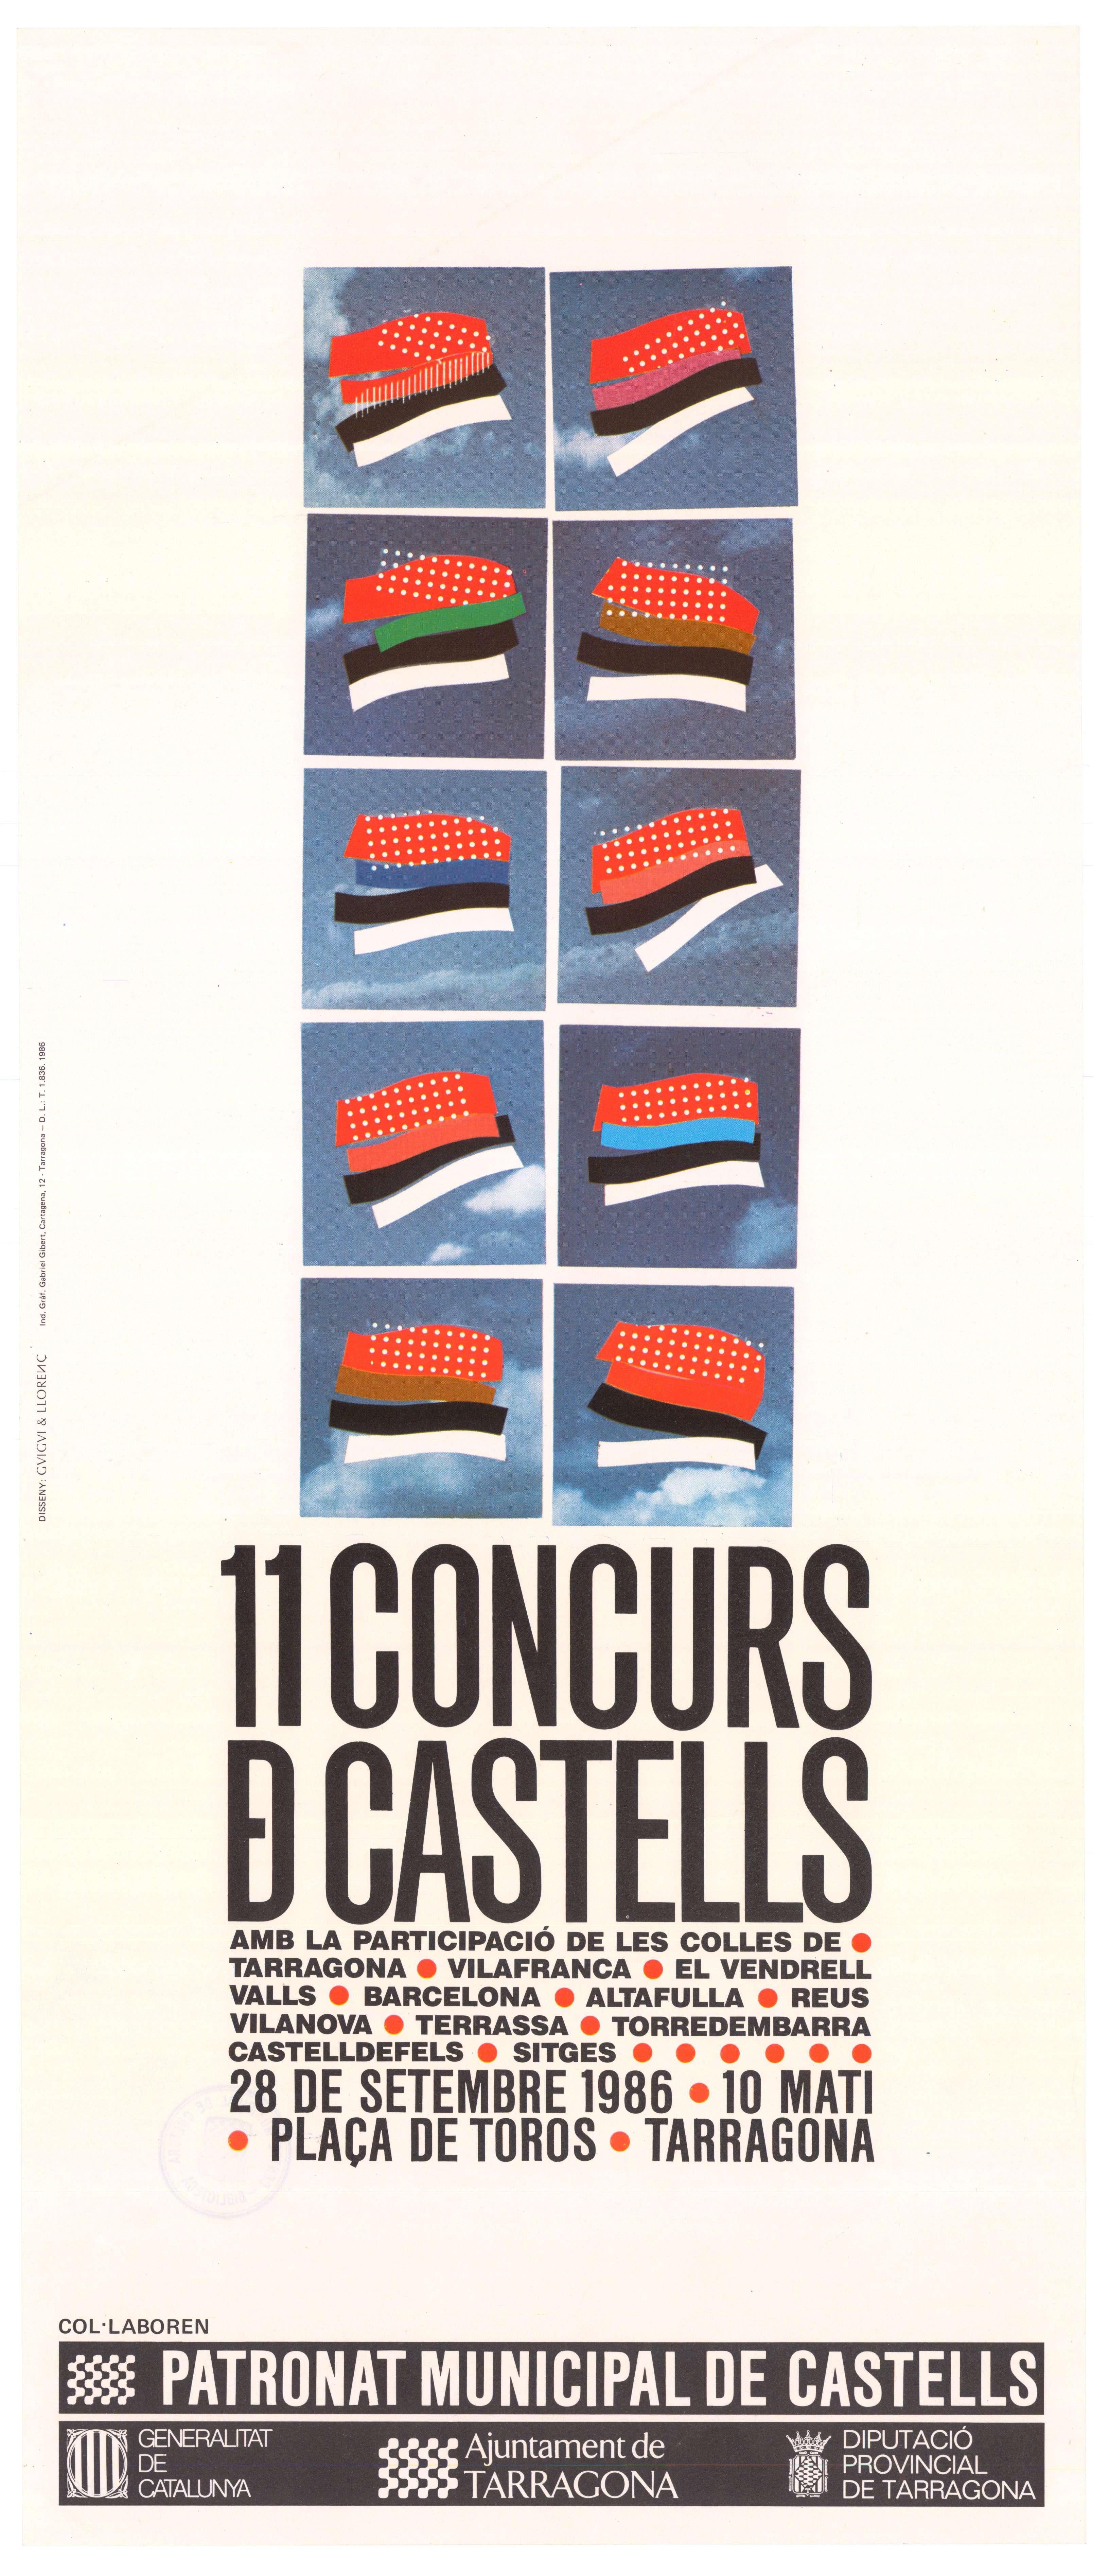 http://tblog.tarragona.cat/wp-content/uploads/2014/05/Cartell-Concurs-de-Castells_1986-baix.jpg